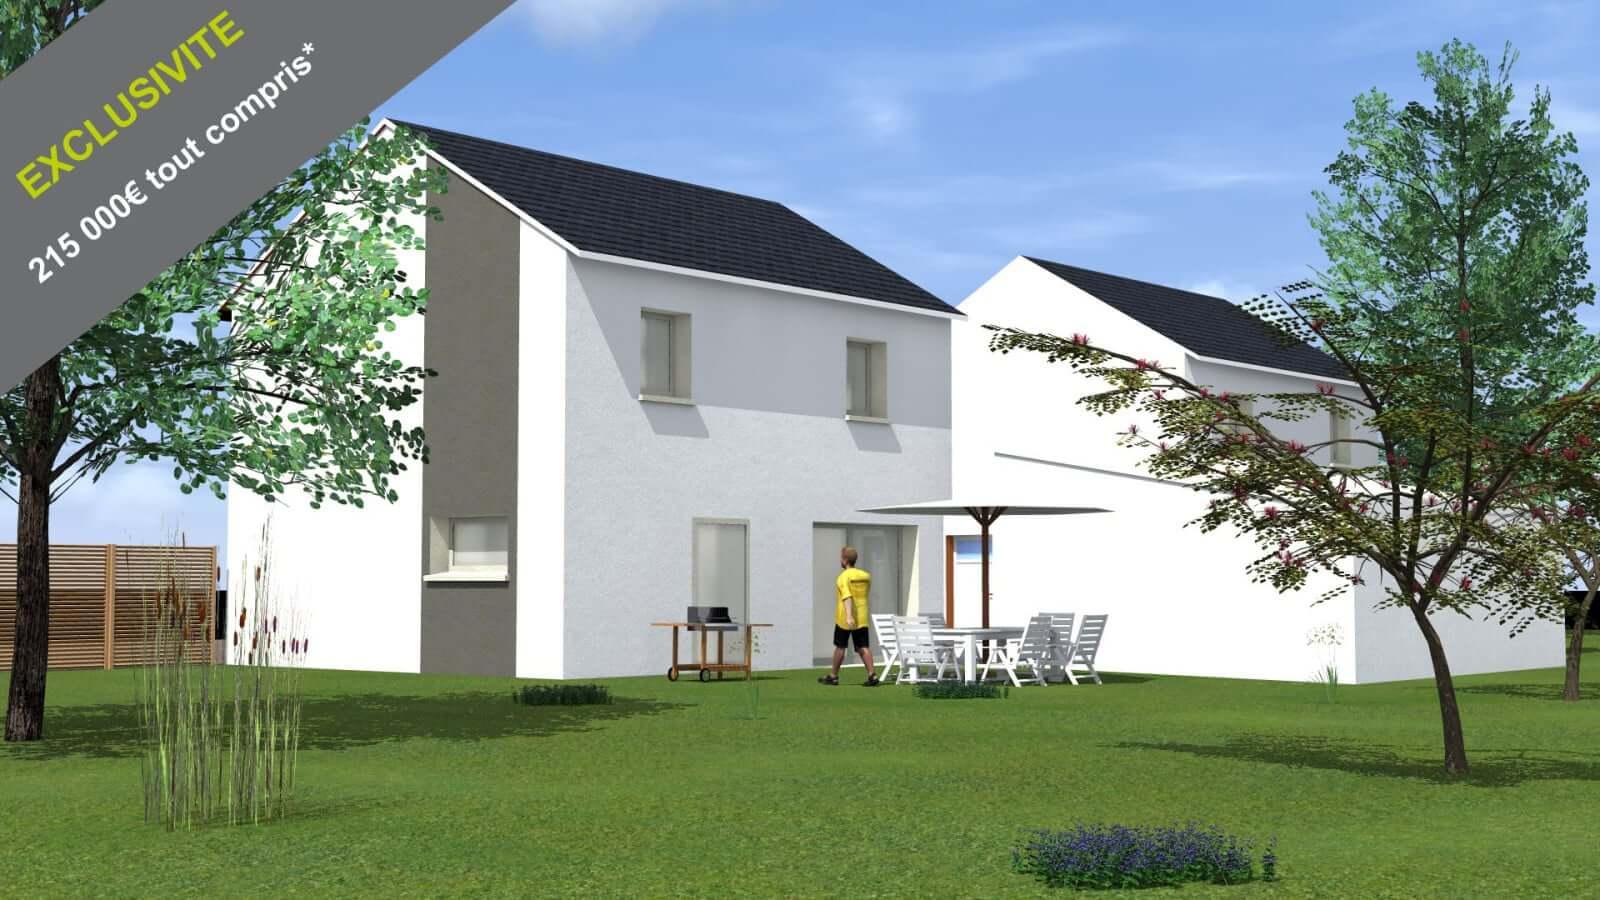 Construction neuve beaune plans sur 2 niveaux avec for Jardin 2 niveaux